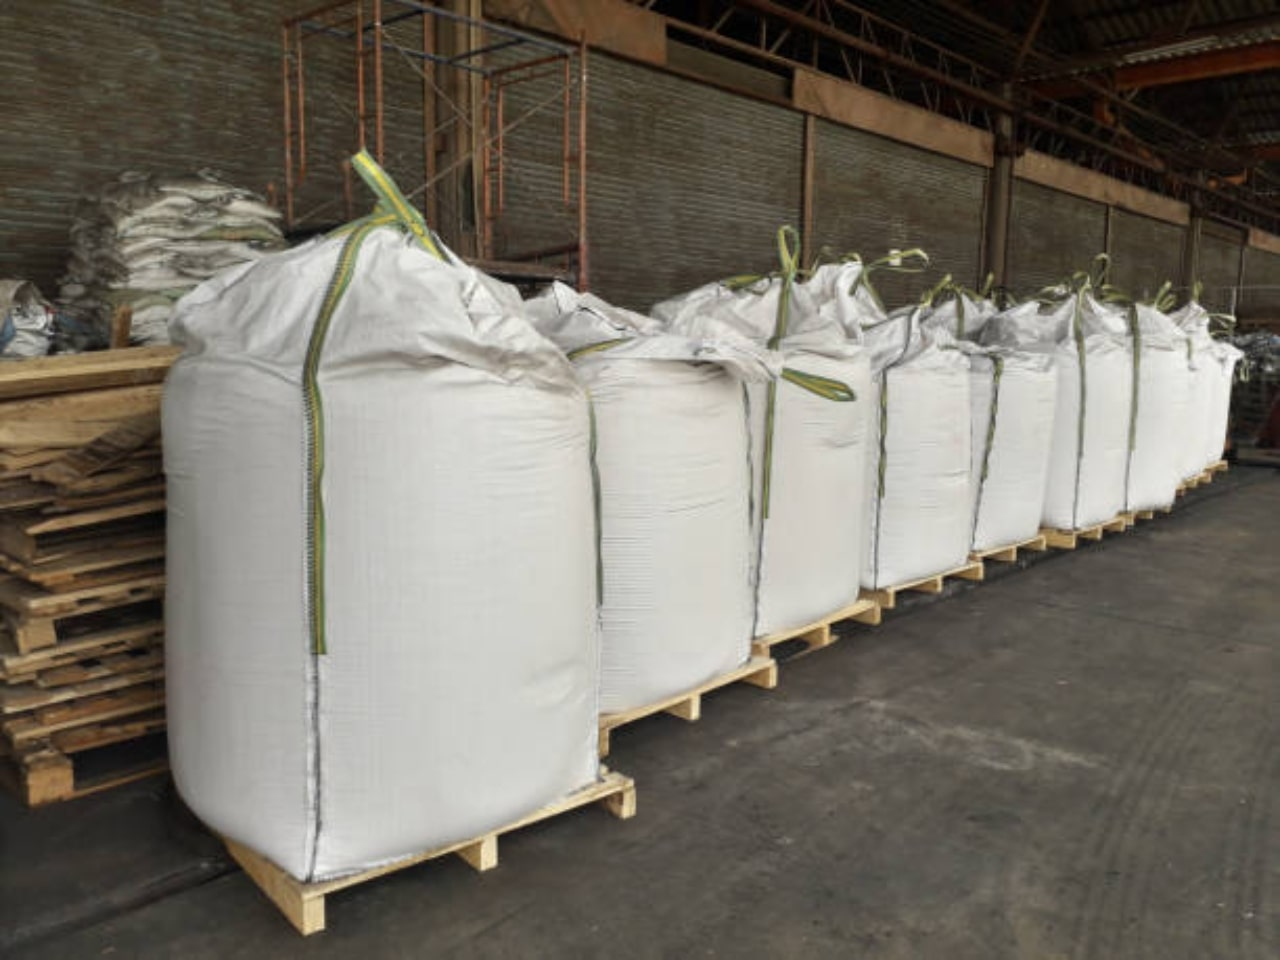 ¿Cómo pueden mejorar las big bag sus operaciones?